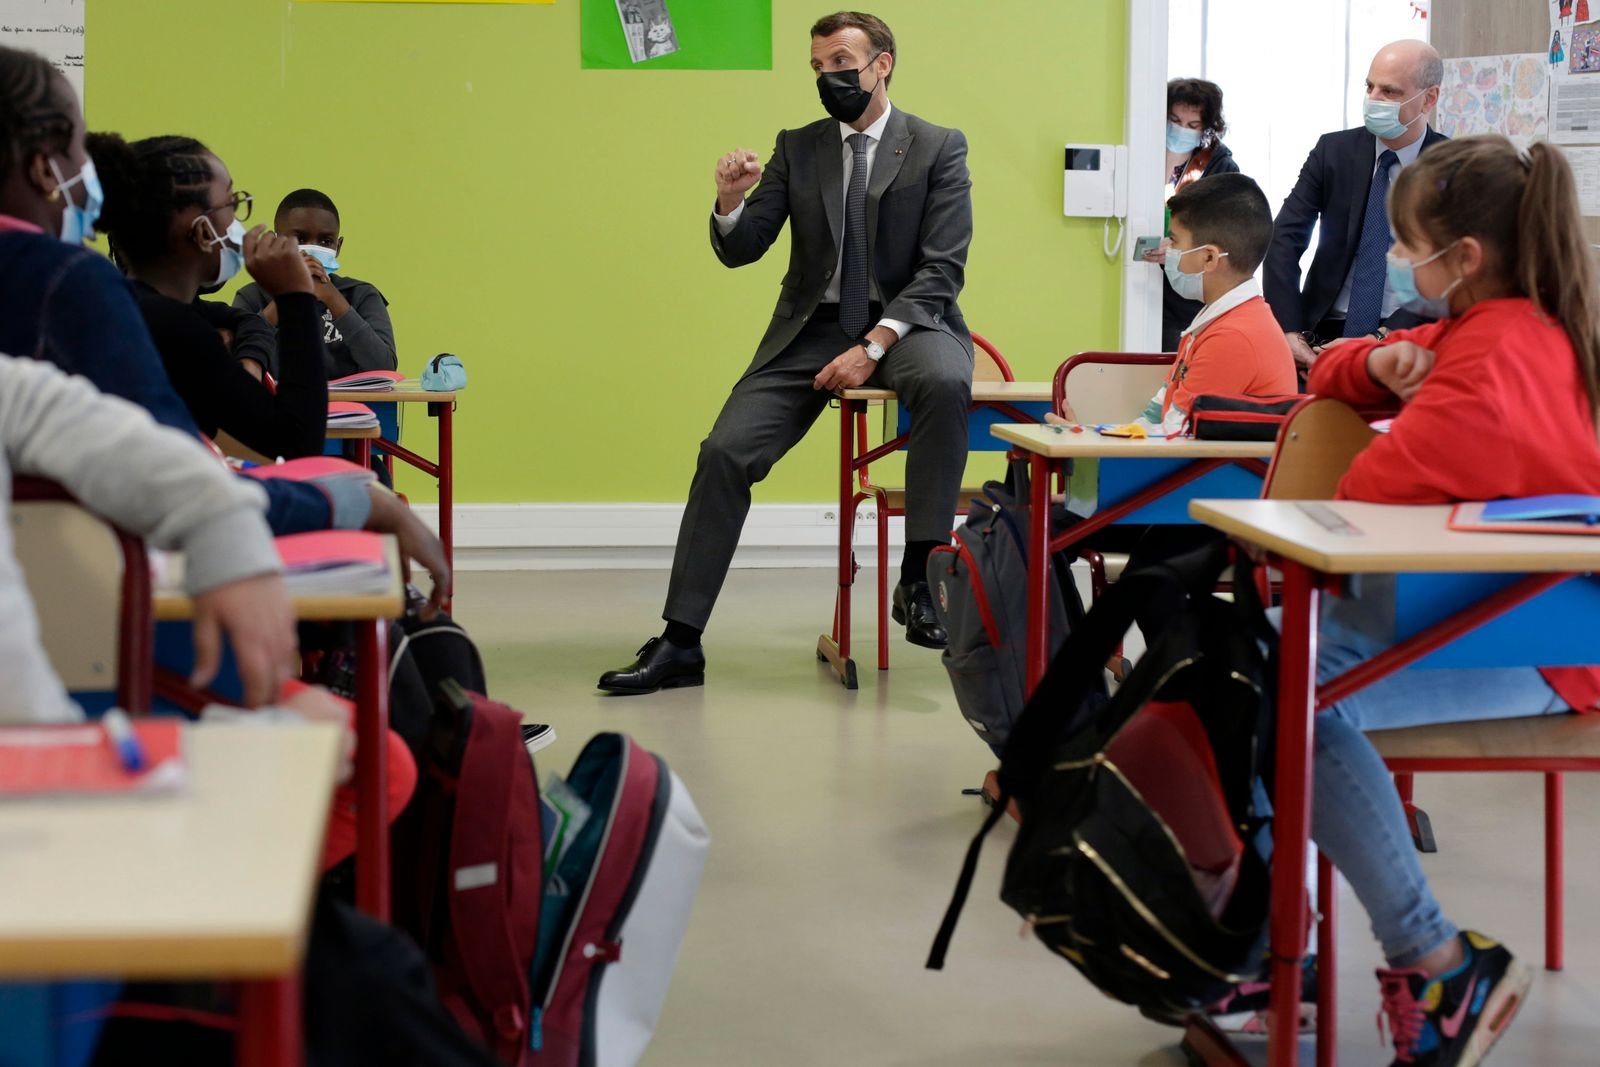 Frankreichs Präsident Macron besucht Grundschule